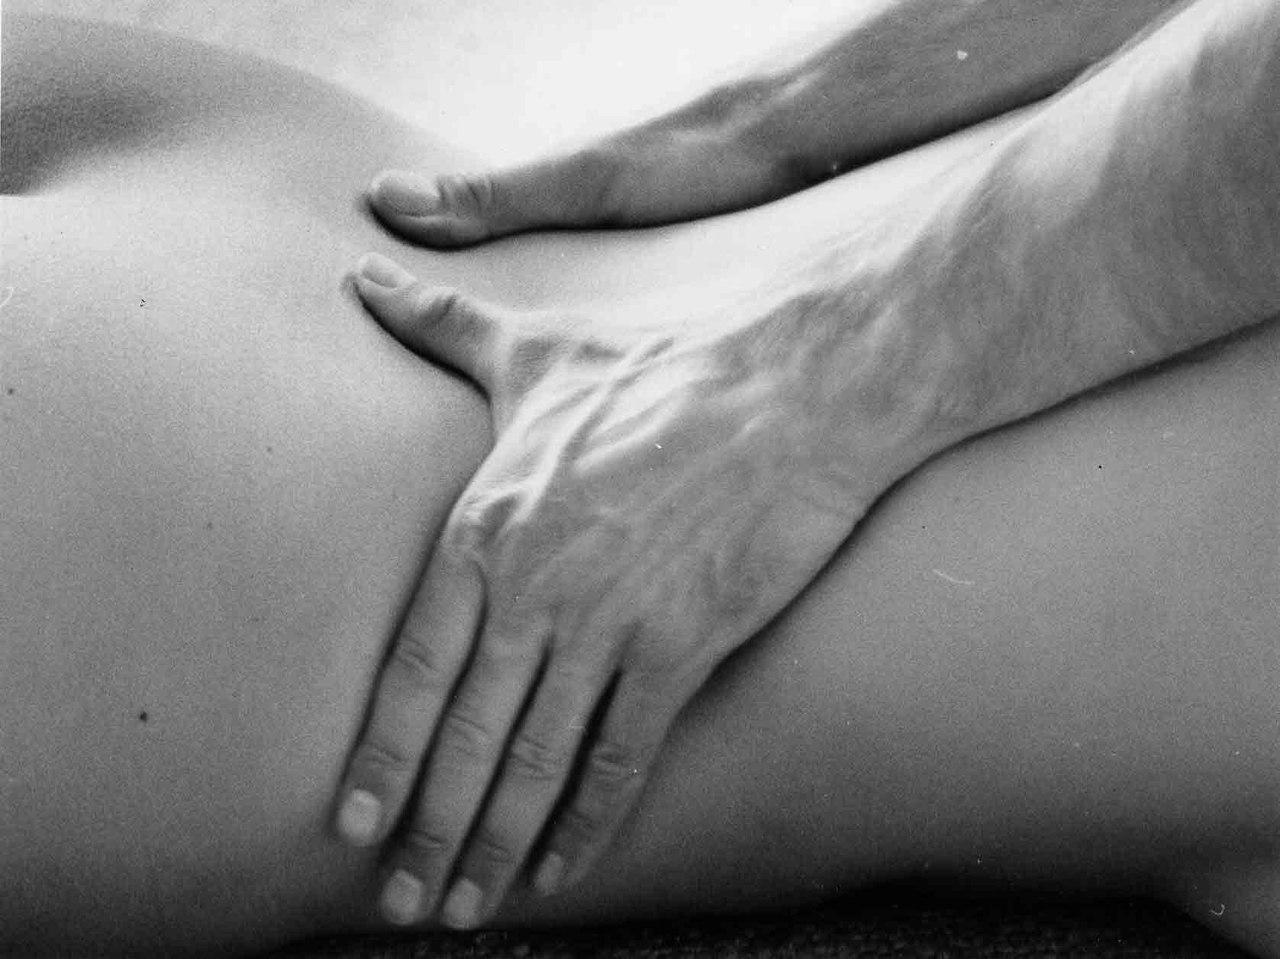 Салоны эротического массажа в магнитогорске 12 фотография